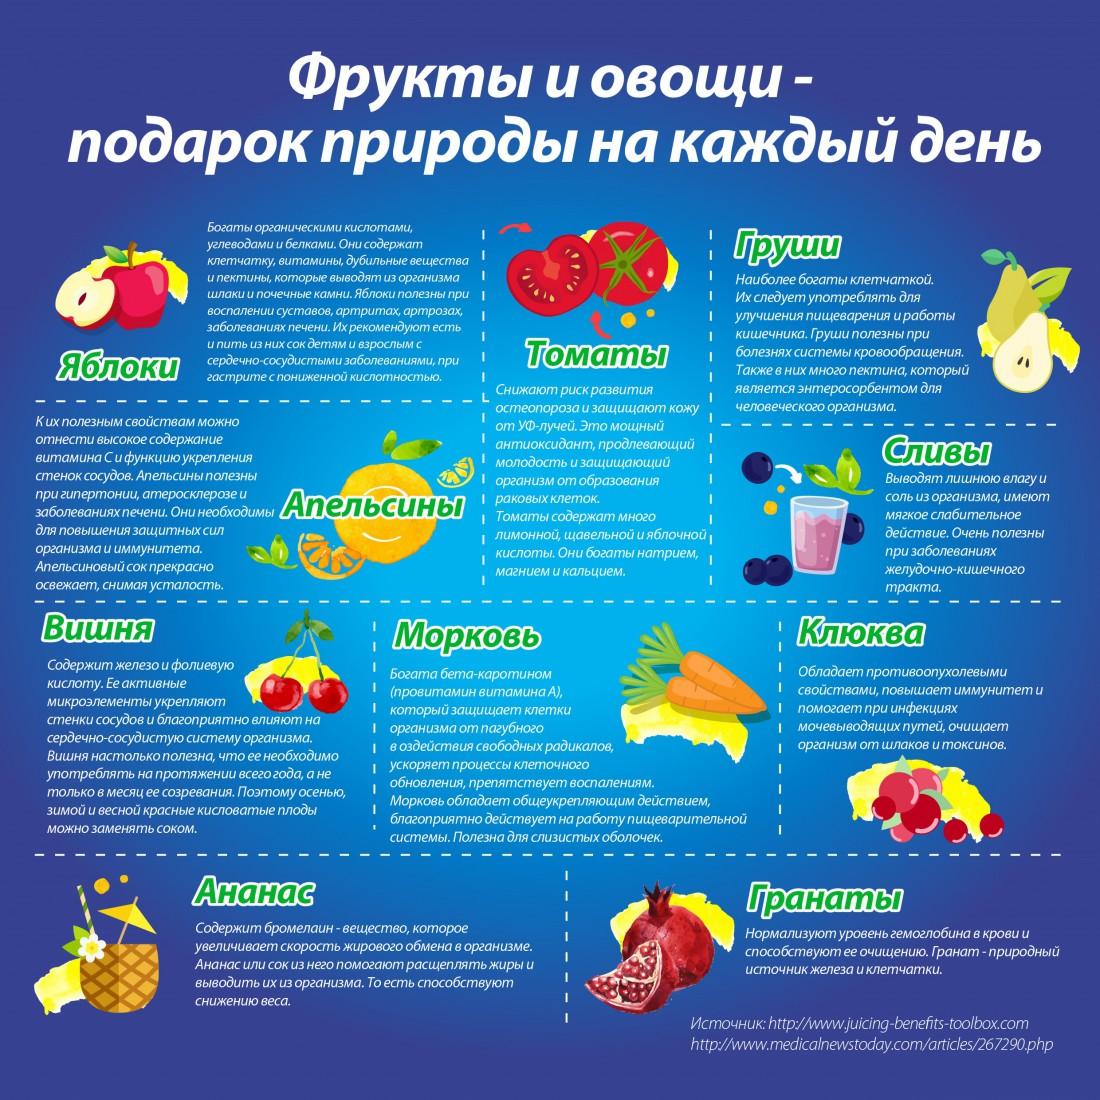 Вместо соков и нектаров ешь натуральные фрукты и овощи